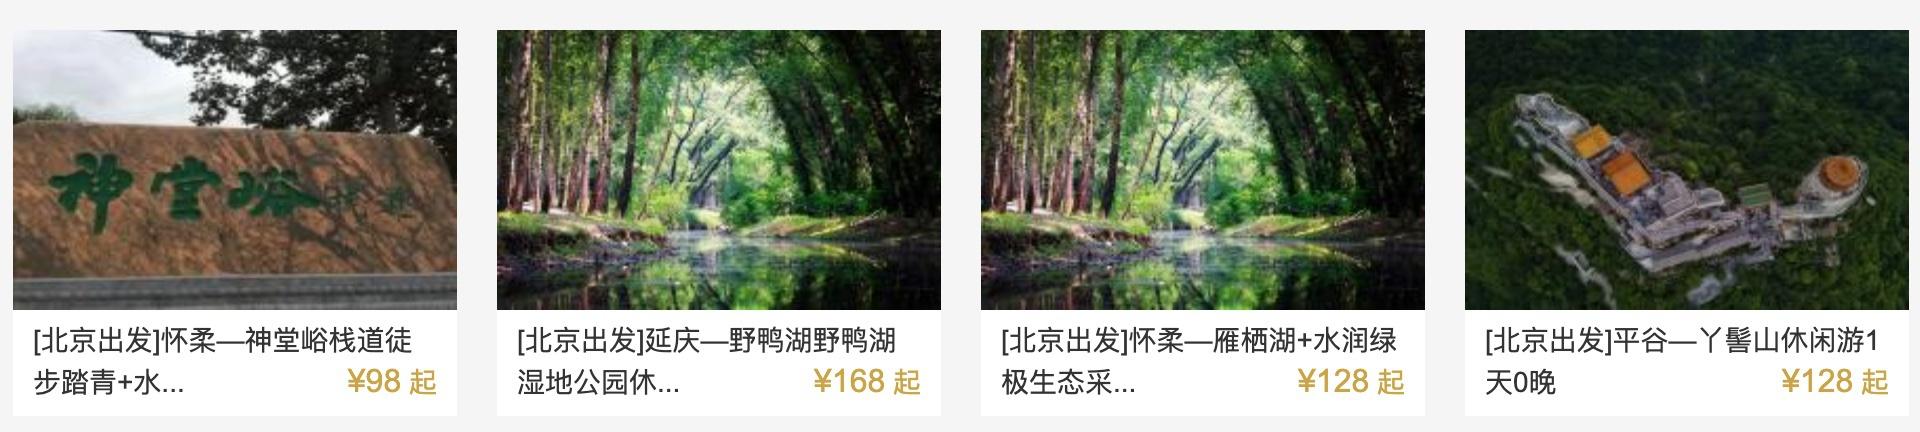 【自然科学】京恢复市内组团游旅行社是积极信自然科学图片